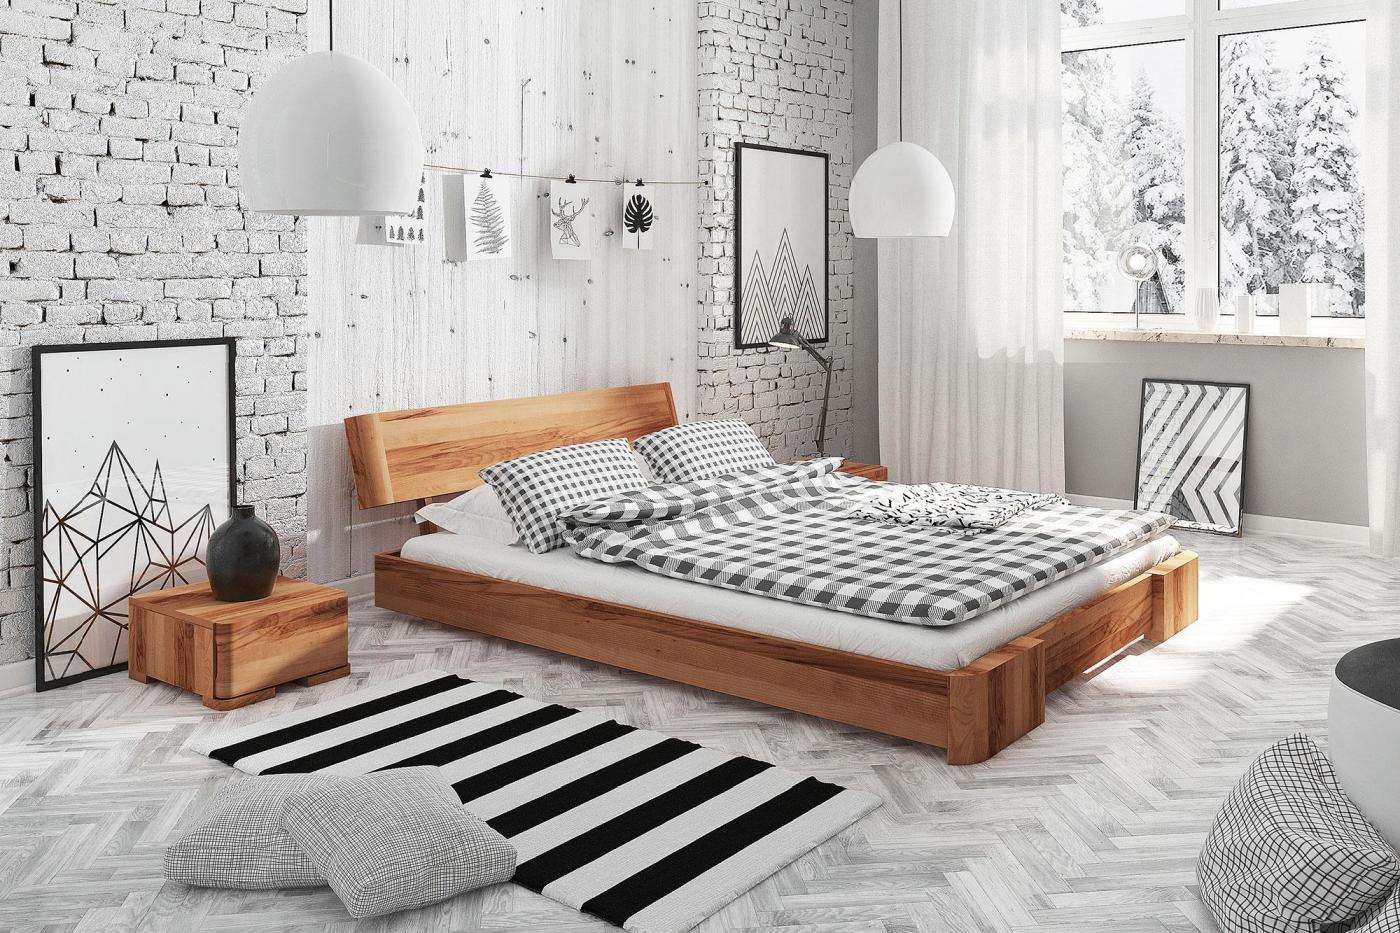 Dlaczego warto wybrać łóżko w stylu skandynawskim?